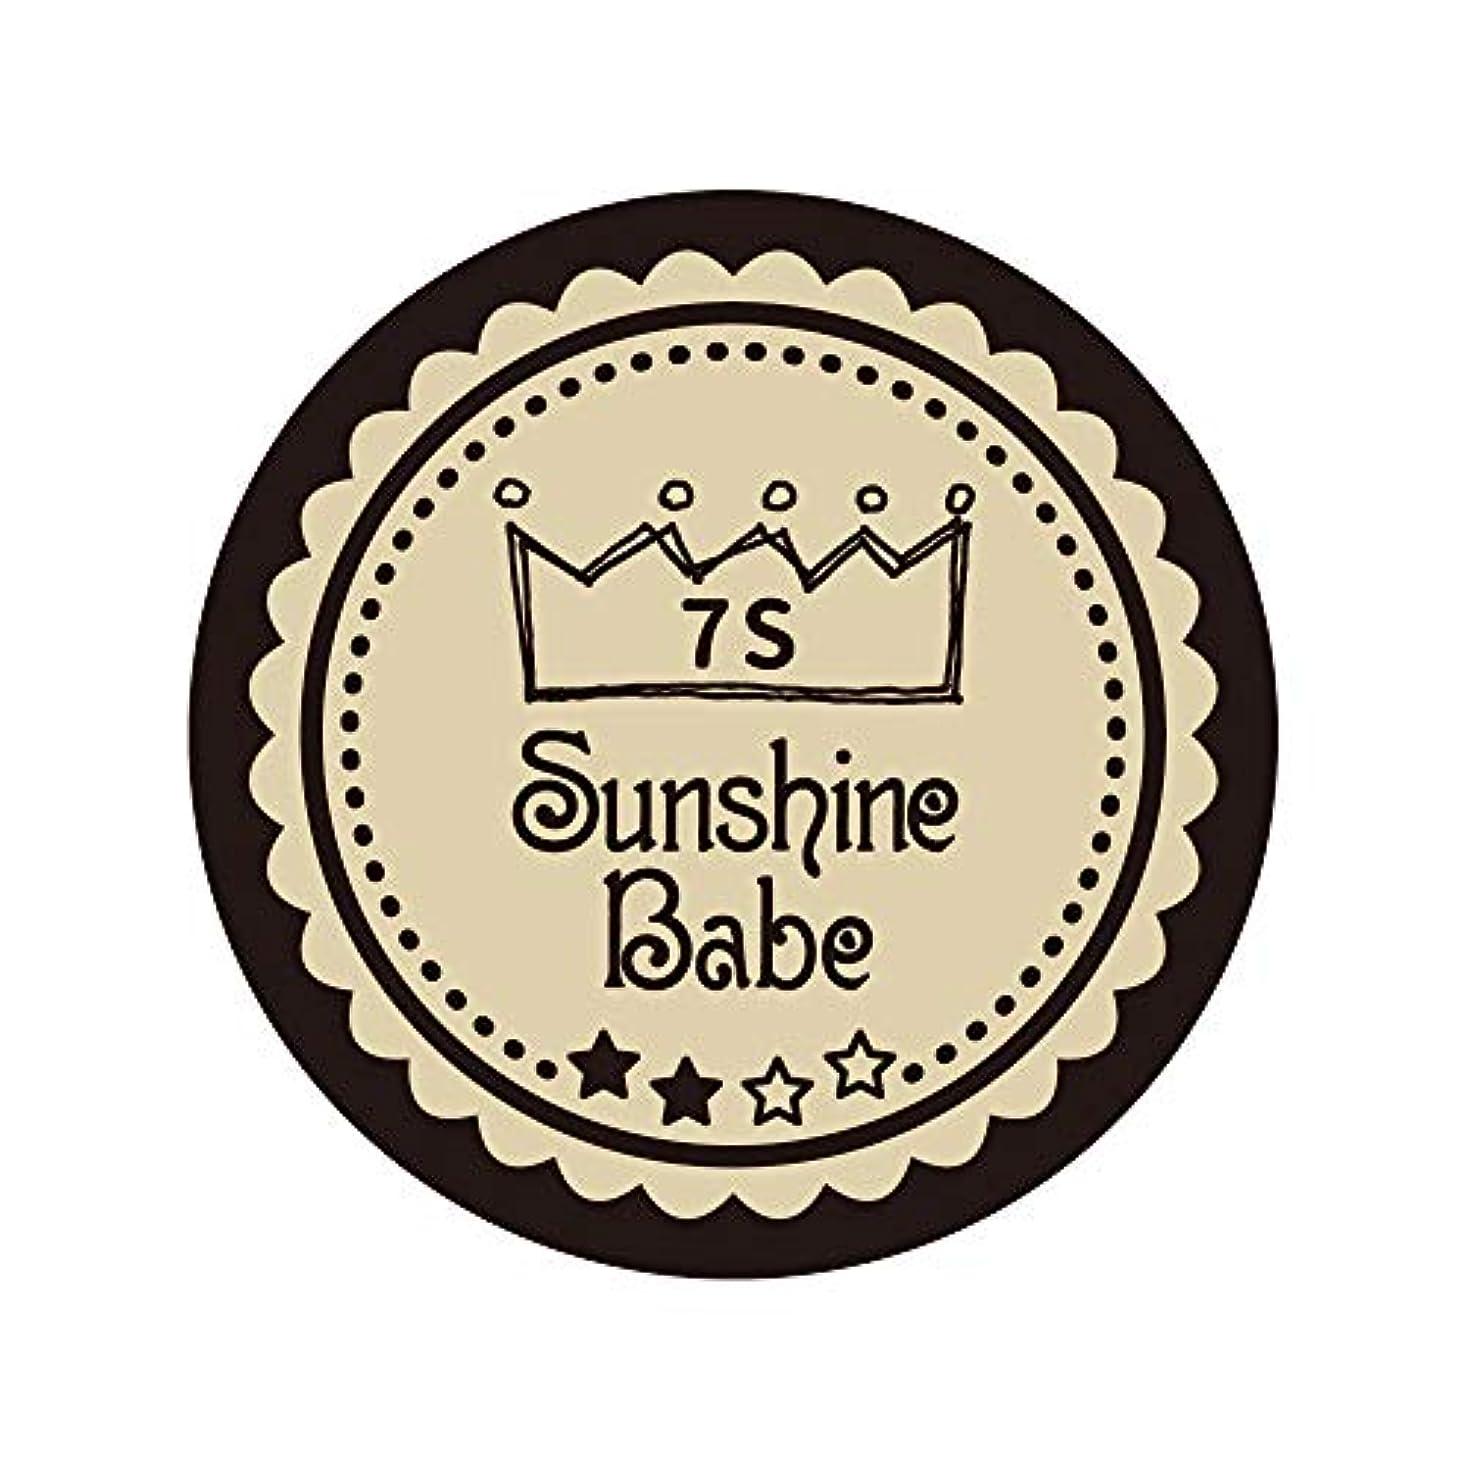 有罪現れる寝るSunshine Babe カラージェル 7S ウォームサンド 2.7g UV/LED対応